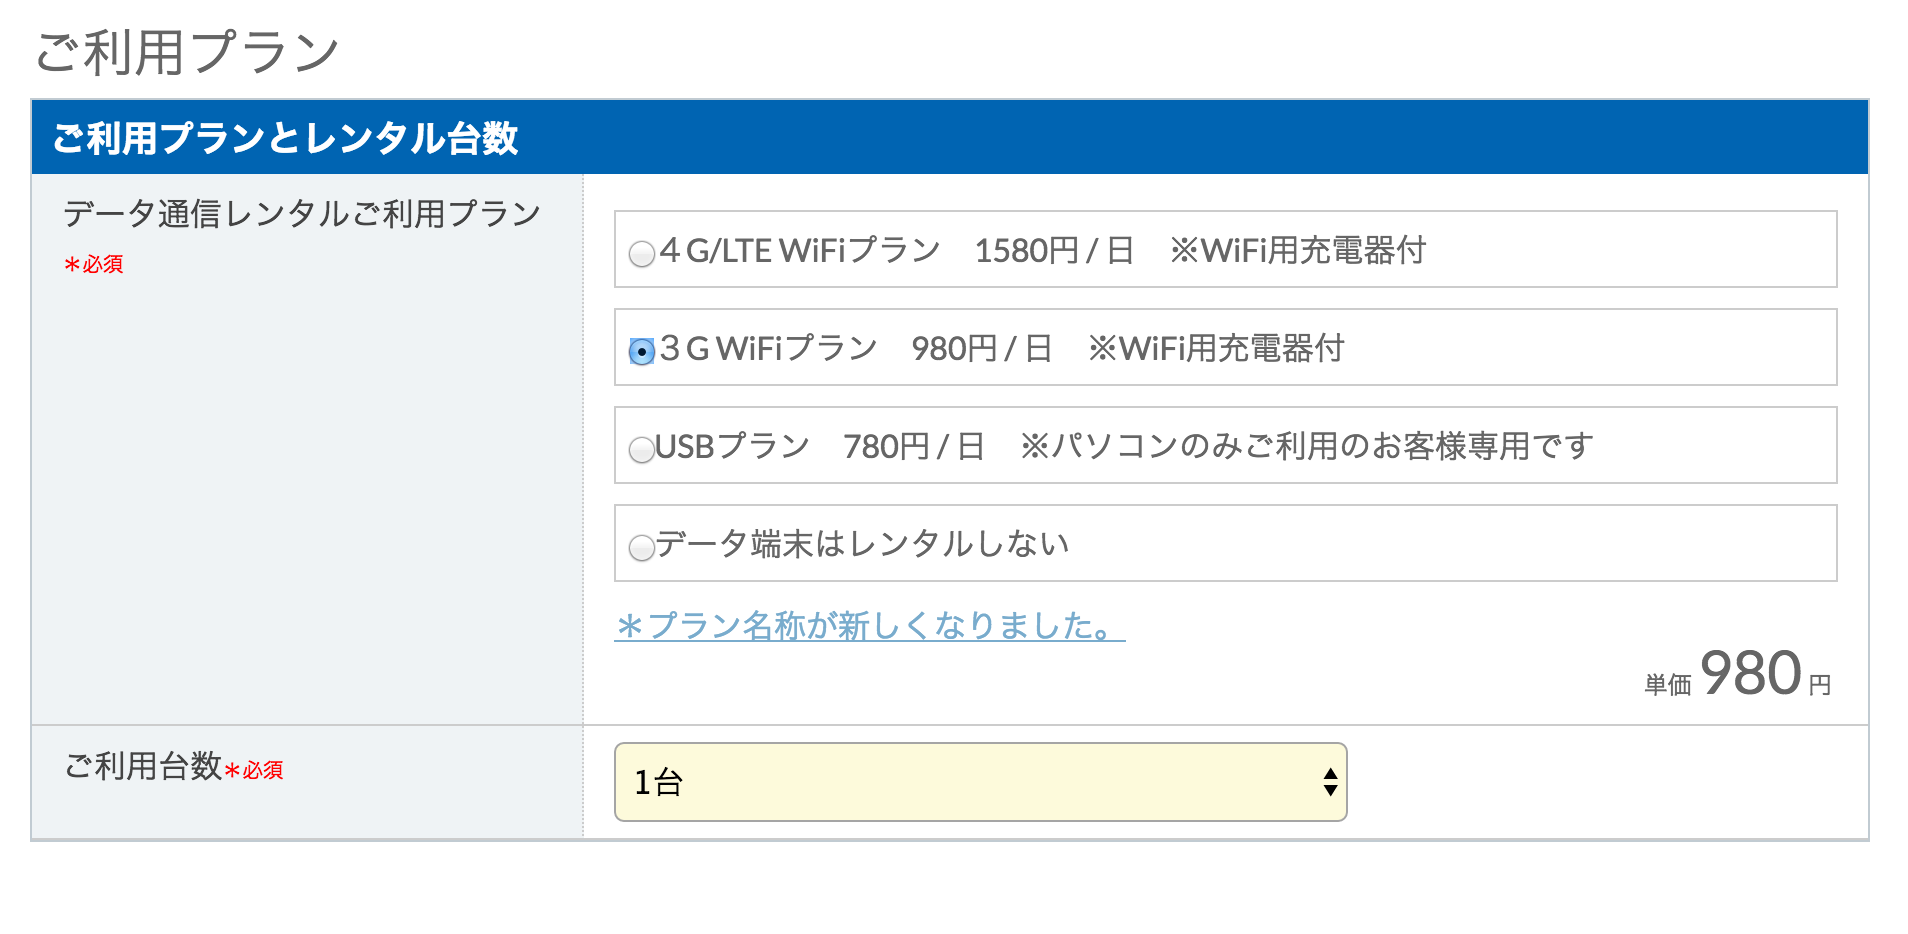 Wi-Fiプラン